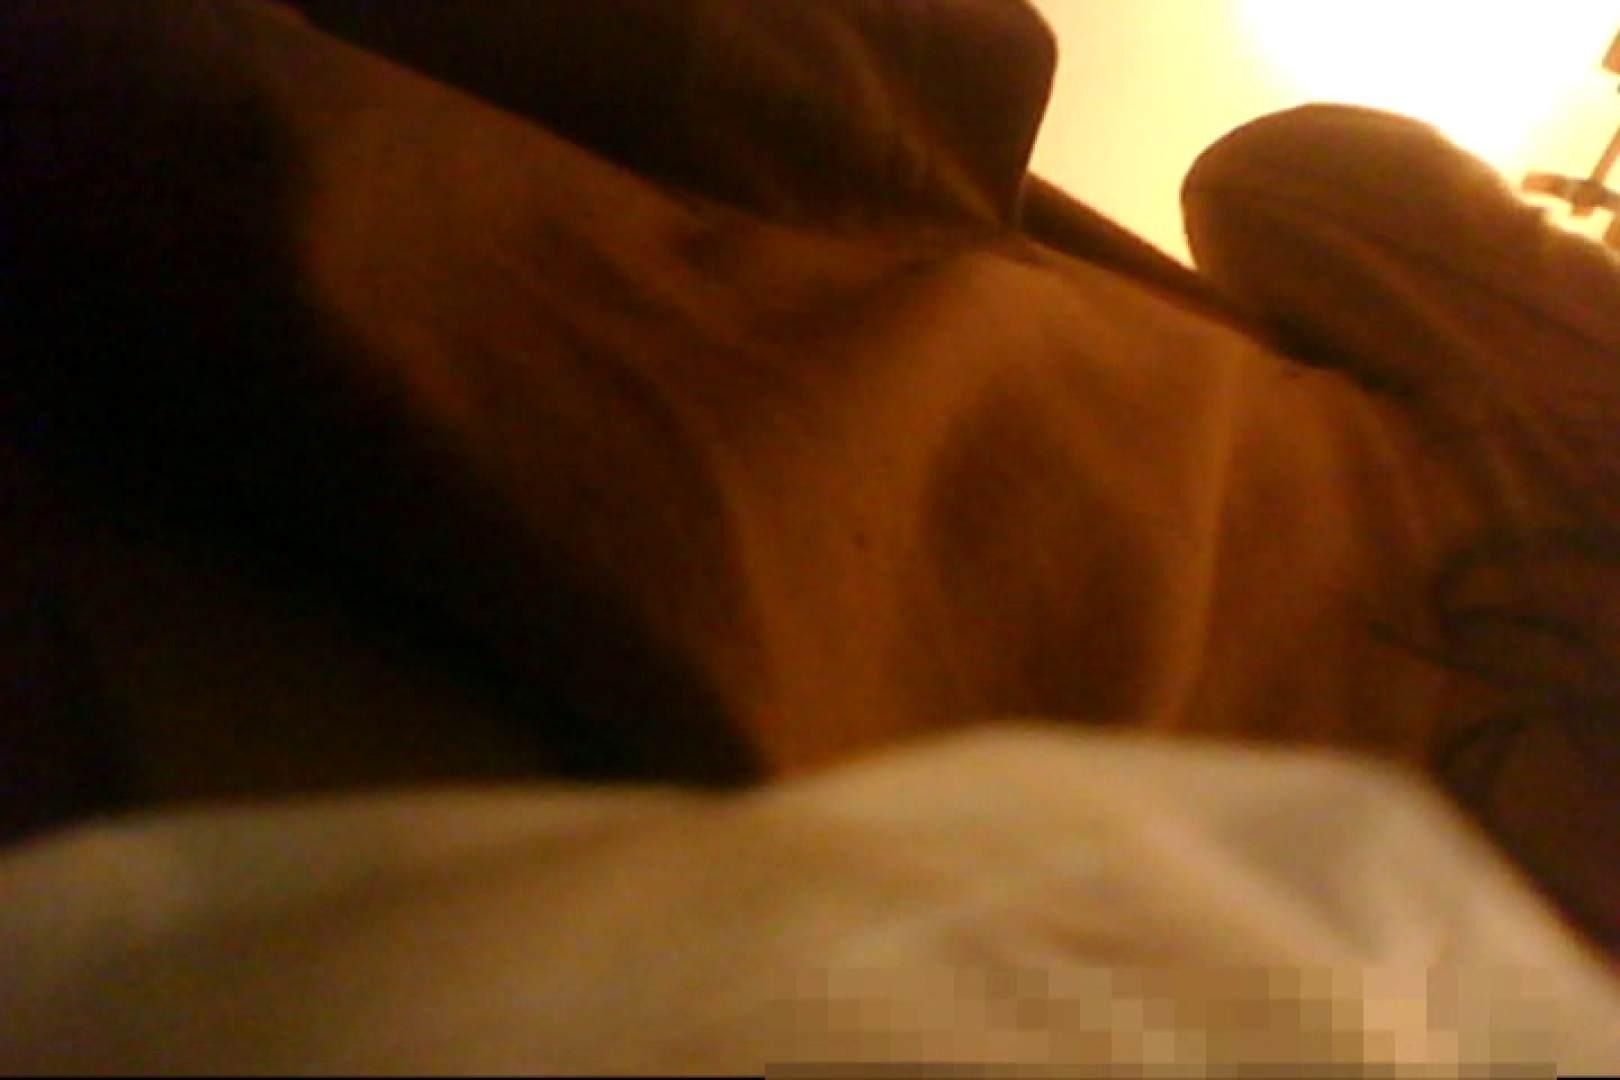 魅惑の化粧室~禁断のプライベート空間~vol.8 OL  111pic 84